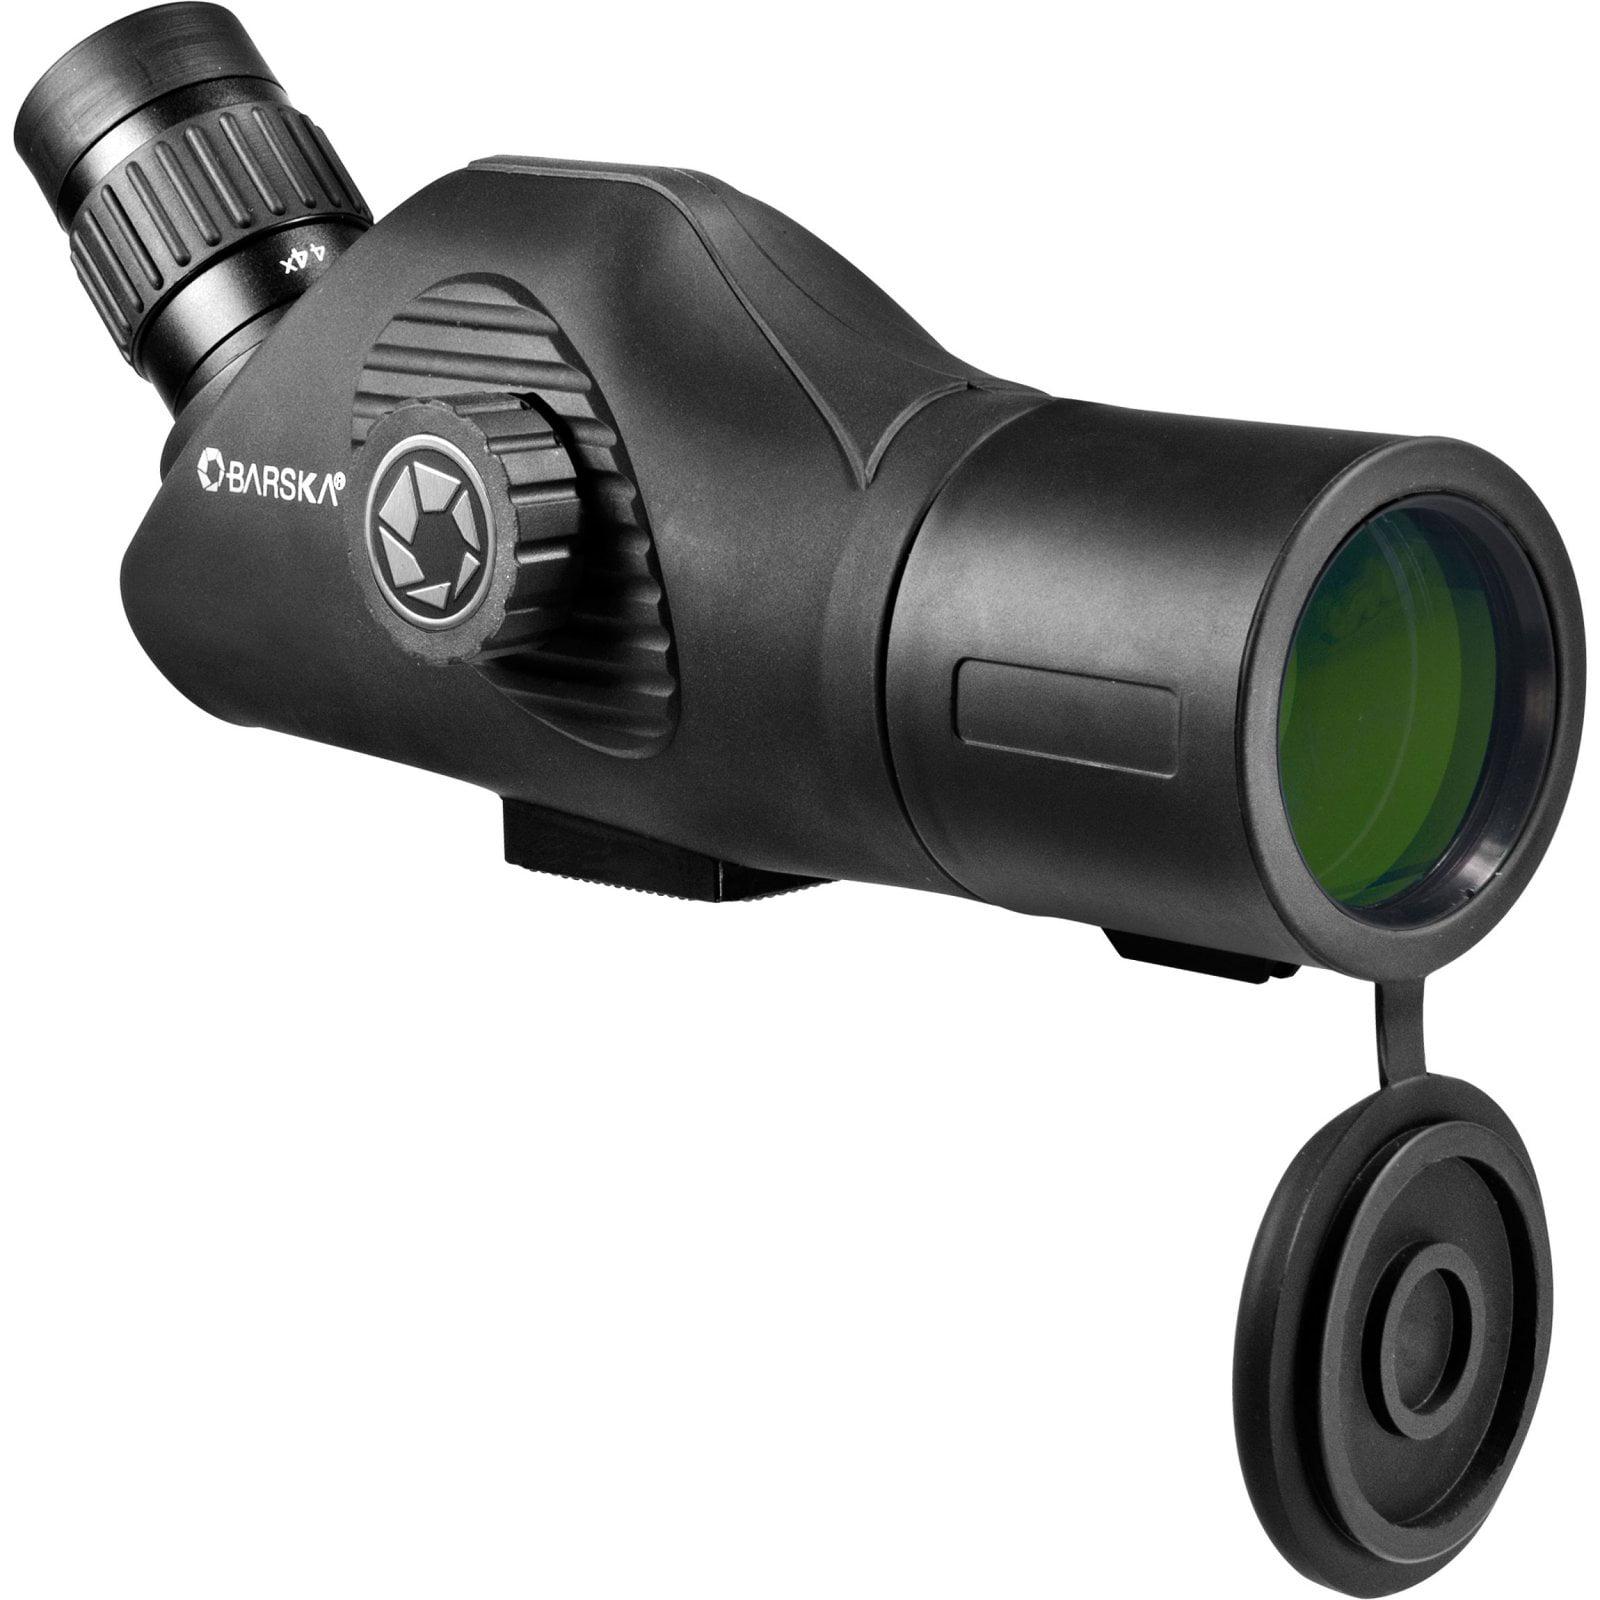 Barska 11-44x50 WP Spotting Scope